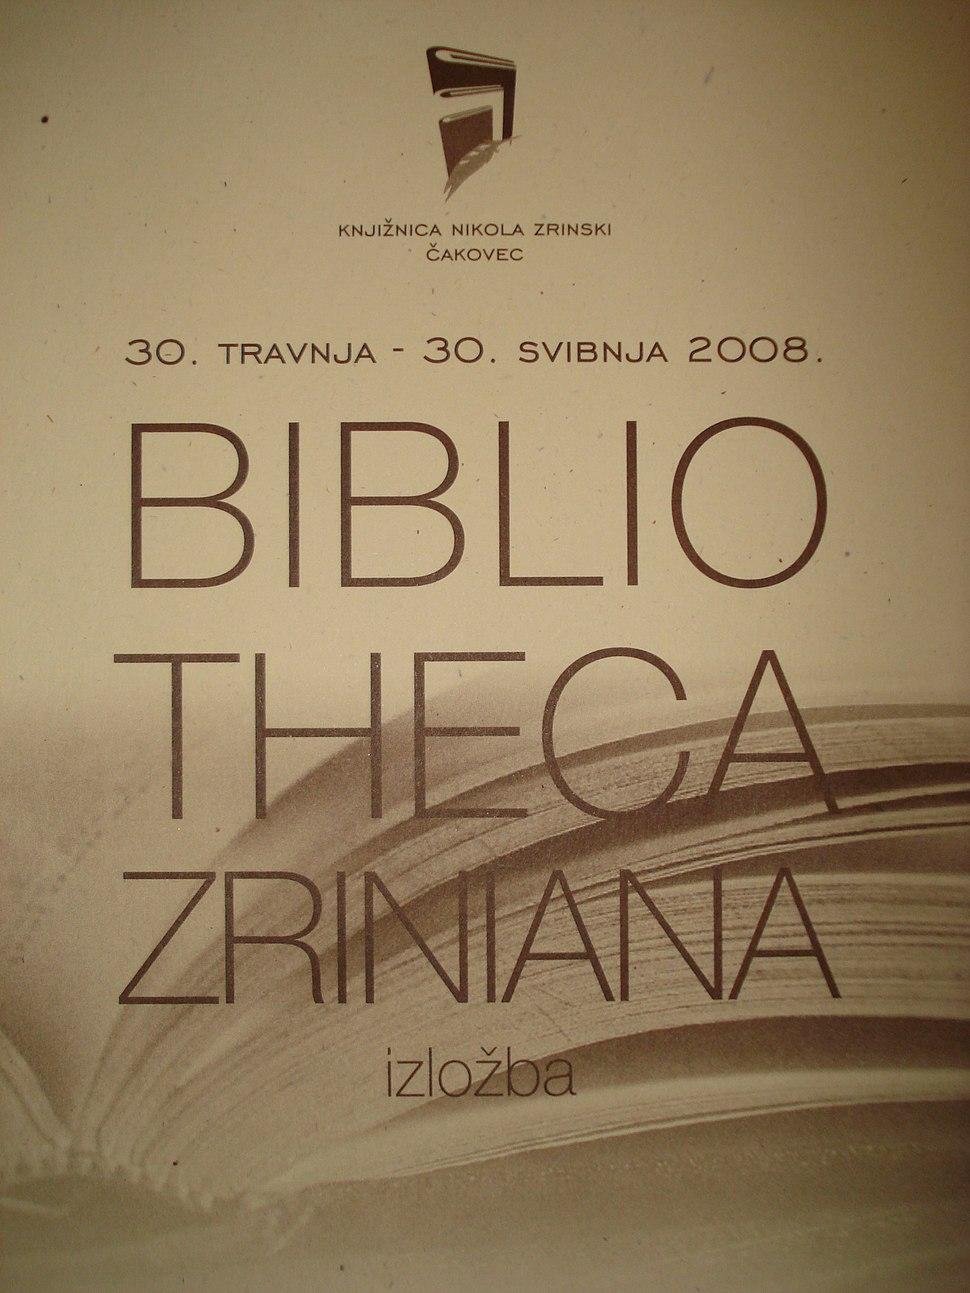 Bibliotheca Zriniana (Croatia) - katalog